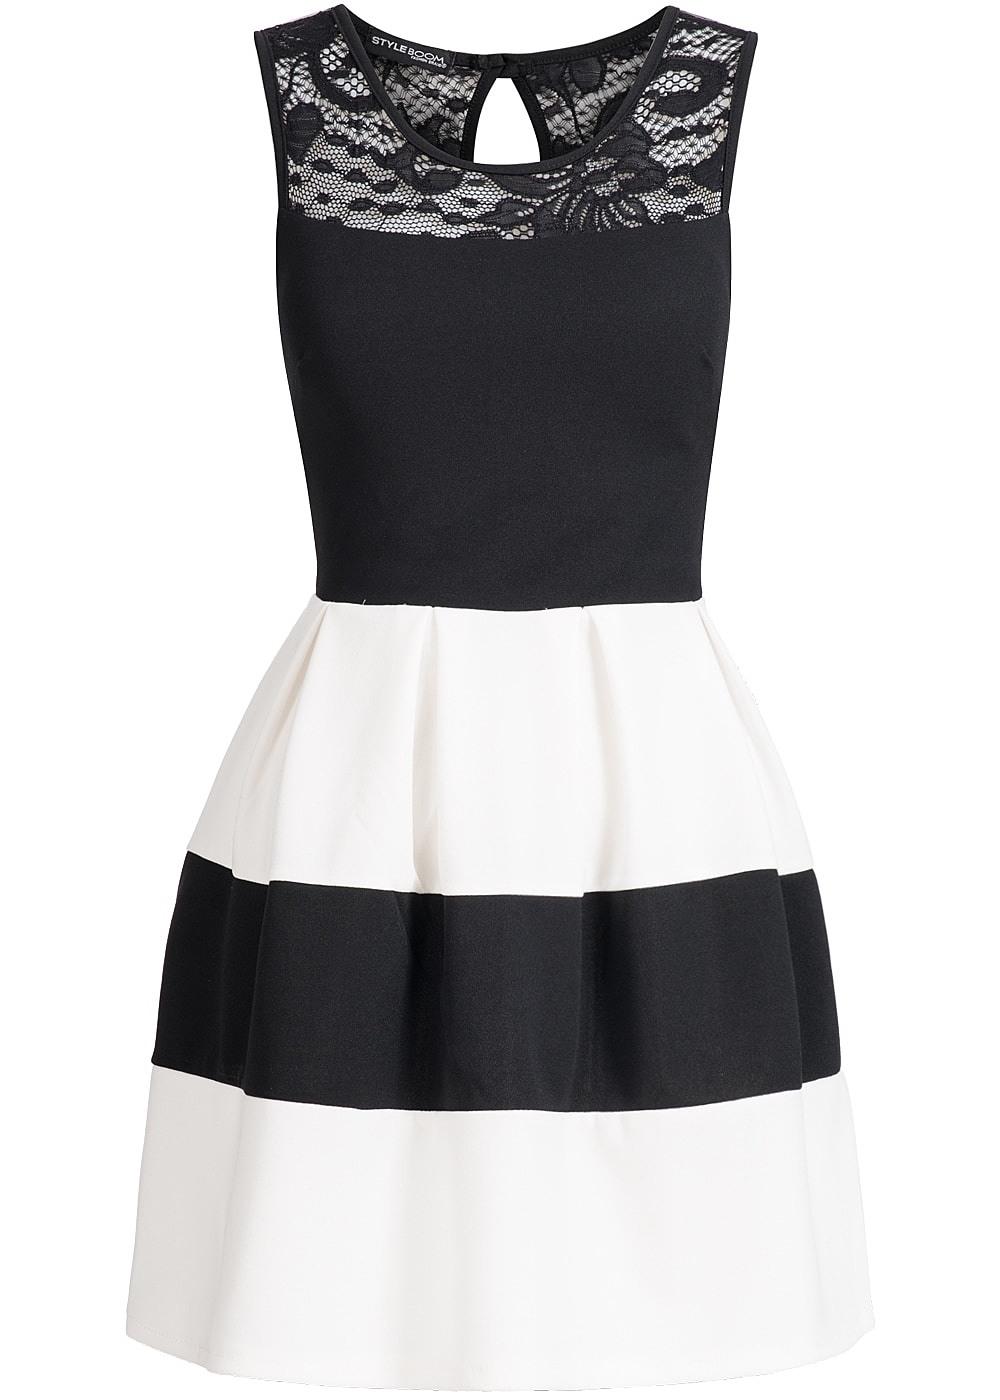 Schön Damen Kleider Schwarz Weiß VertriebDesigner Schön Damen Kleider Schwarz Weiß Boutique